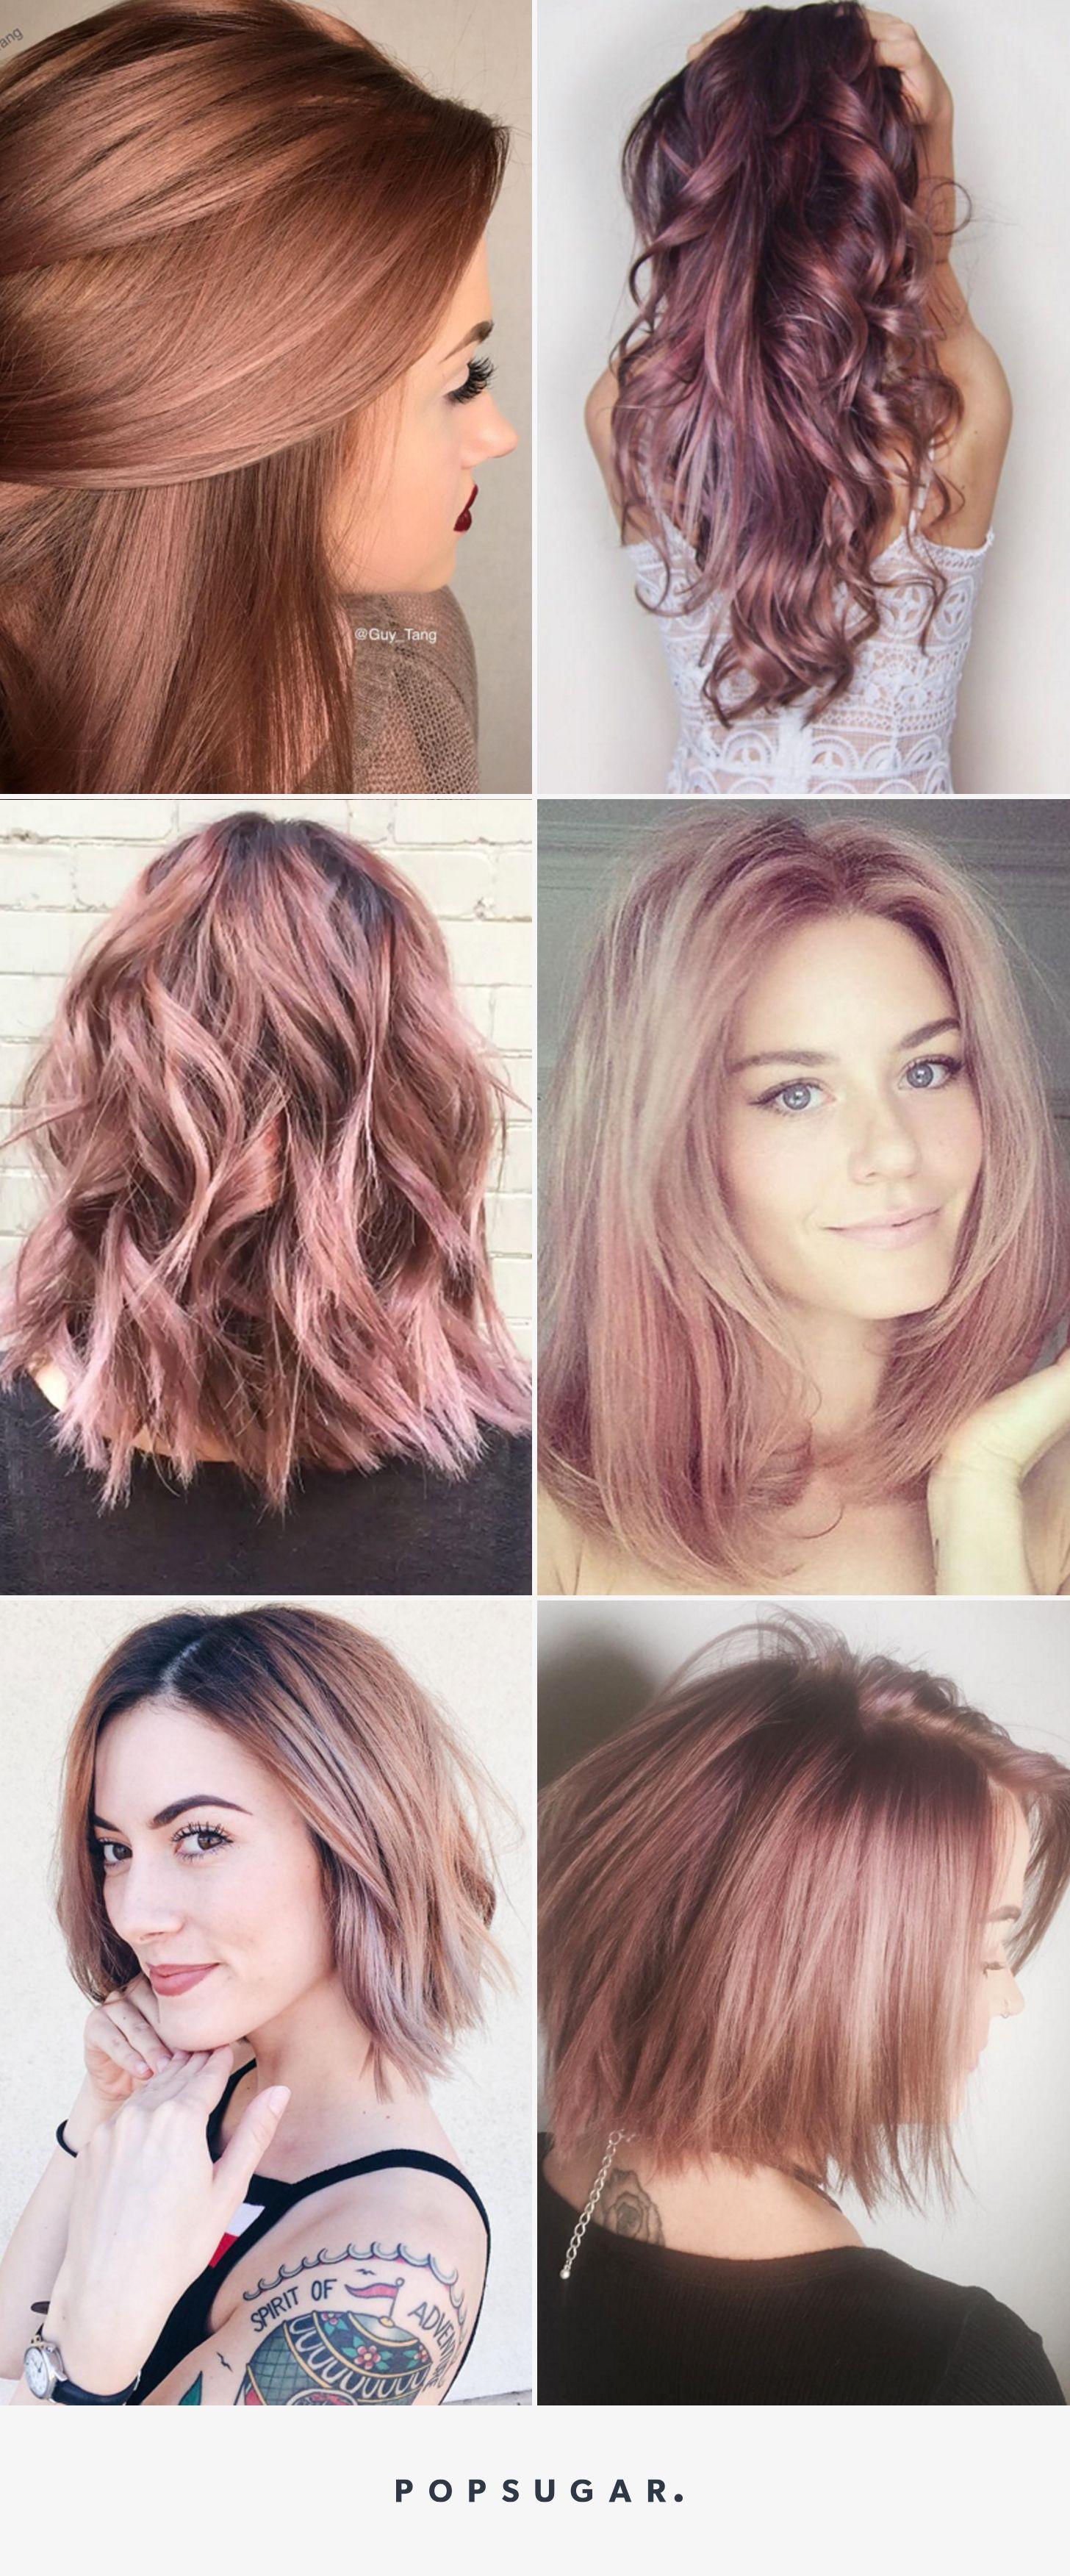 Rose Gold Sera la Couleur de Cheveux la Plus Cool de l'Année- this colour is beautiful!